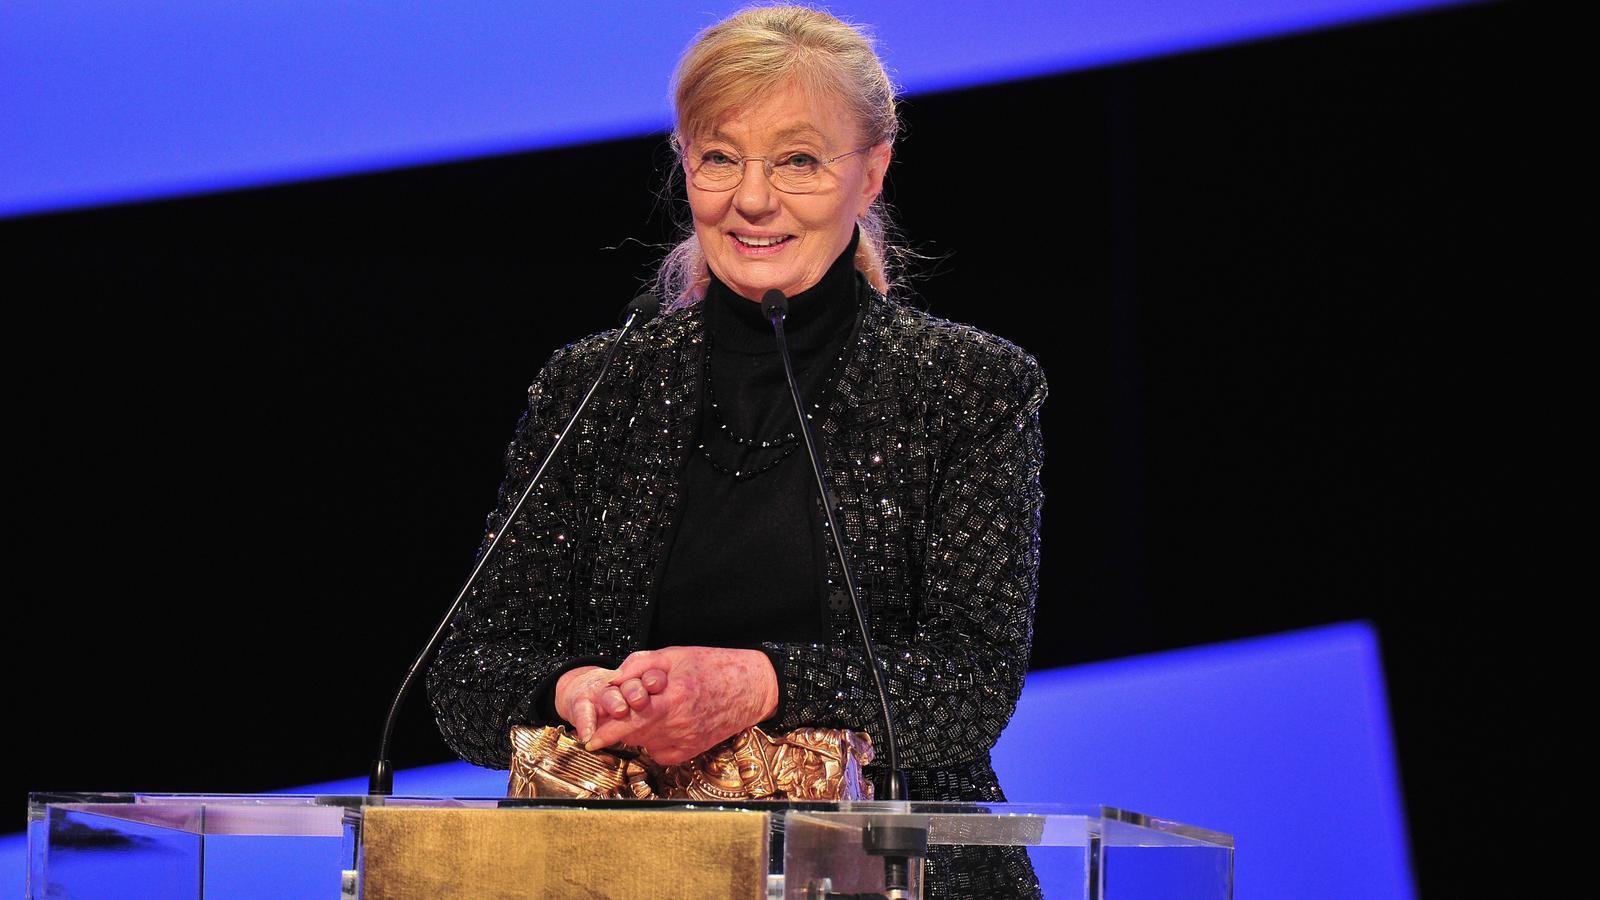 A dos dies de l'entrega del Cèsar, Margaret Menegoz és nomenada com a nova presidenta de l'Acadèmia del Cinema Francès